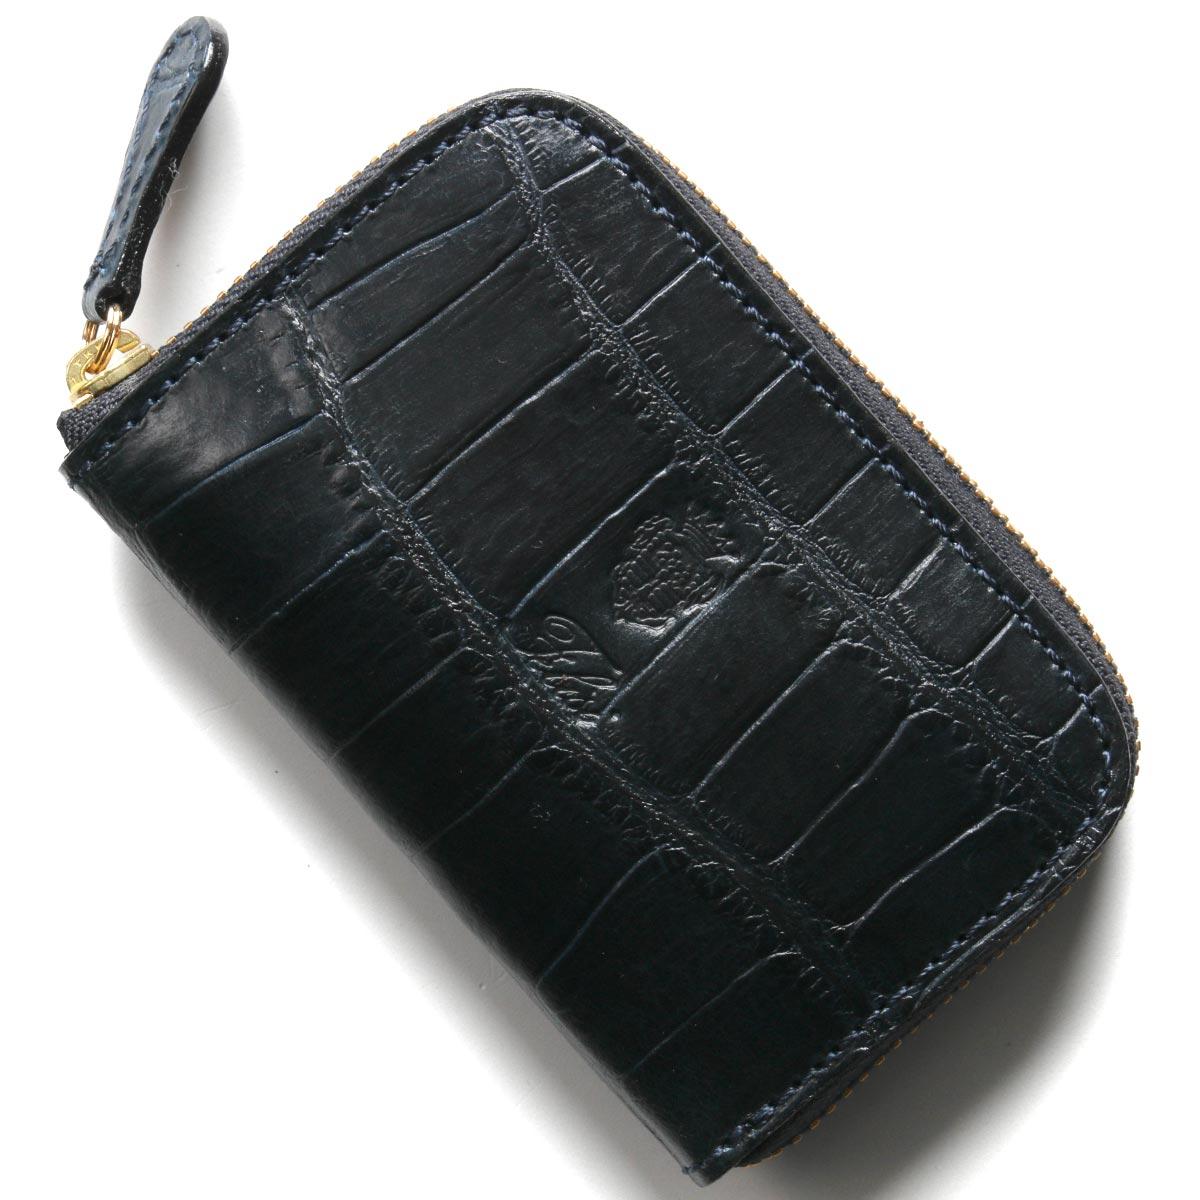 フェリージ コインケース【小銭入れ】 財布 メンズ クロコ型押し ネイビーブルー 166 SA 0005 FELISI